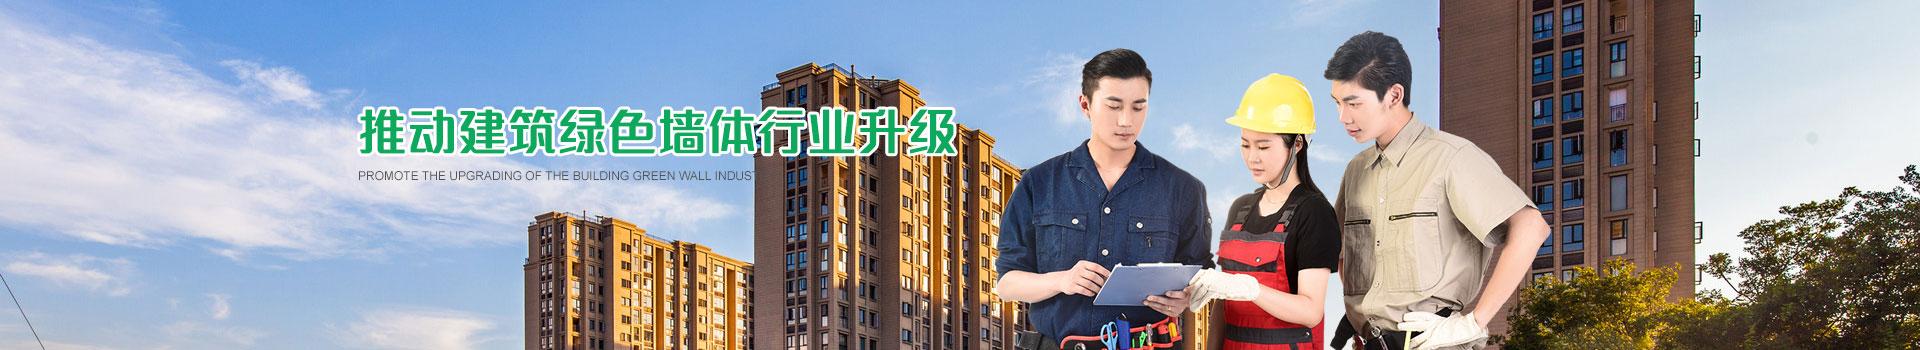 鲁泰建材,推动建筑绿色墙体行业升级